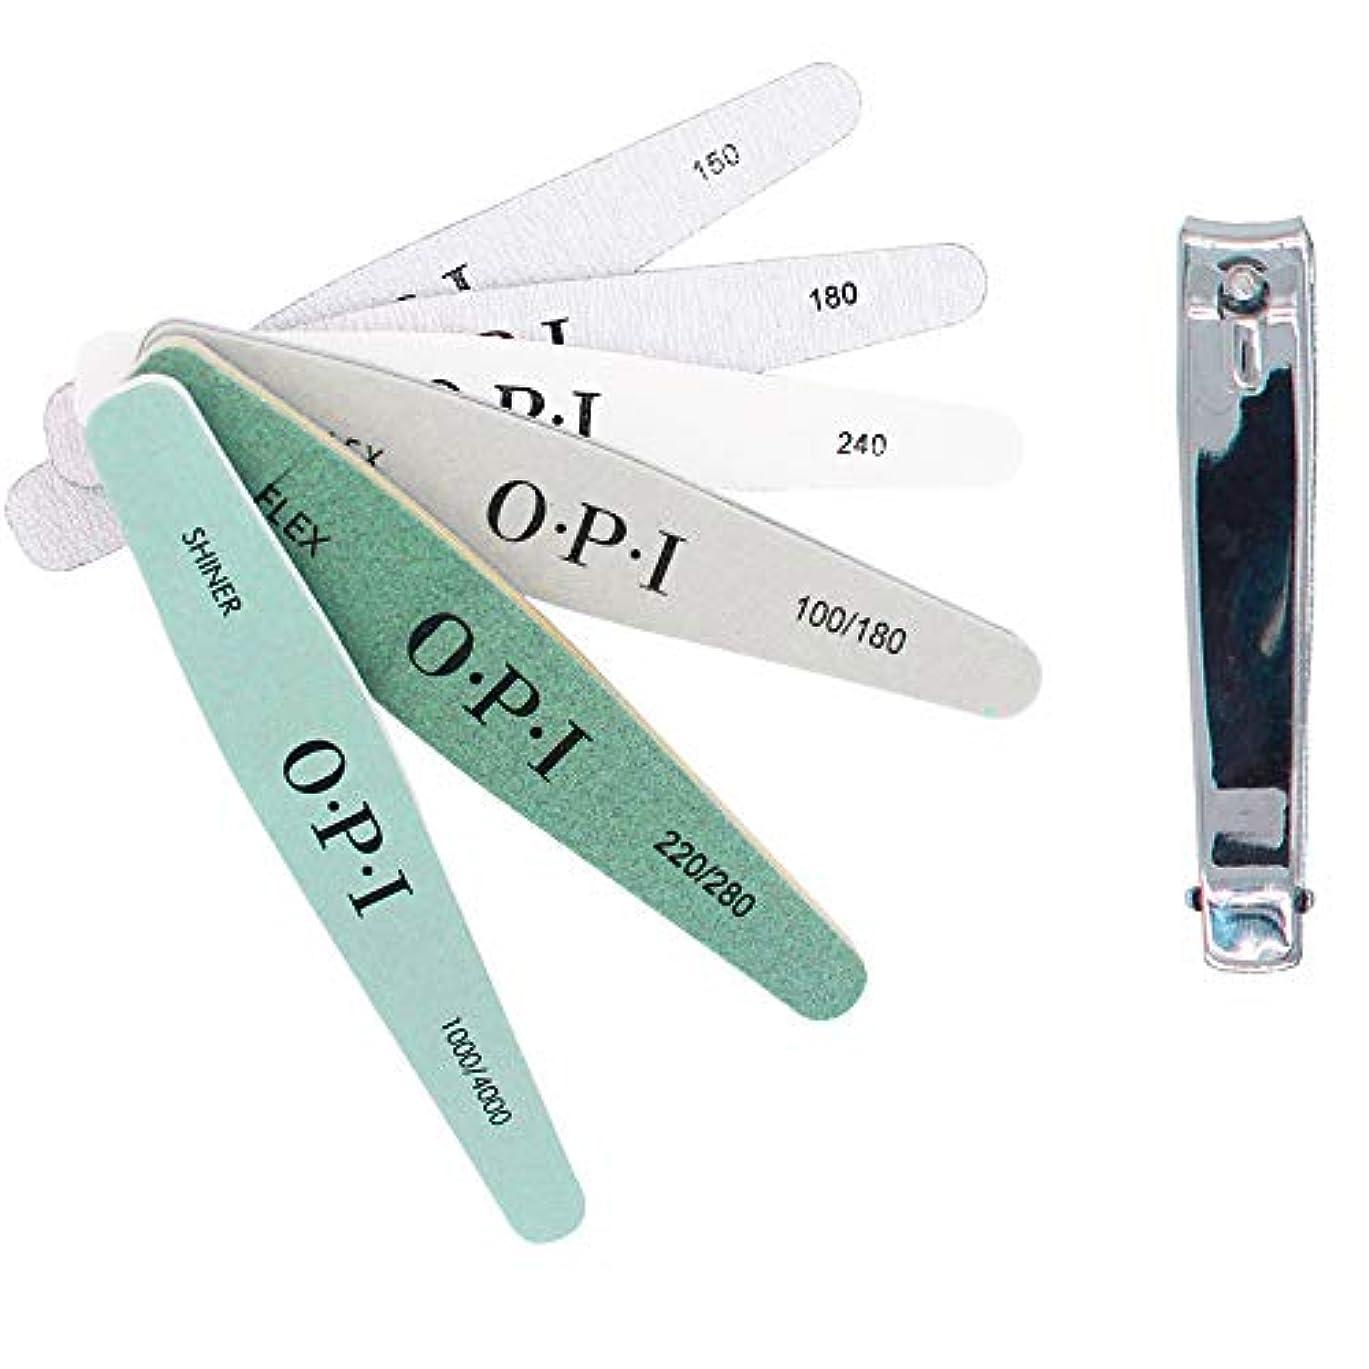 祝福一方、起きるKINYOOOスポンジファイル、爪やすり、ネイルをつやつやに、のネイルツール、 150/180/200/240/280/1000/4000と(1 PCSメタルネイルはさみ)、ネイルケア用化粧マニキュアペディキュアセット。